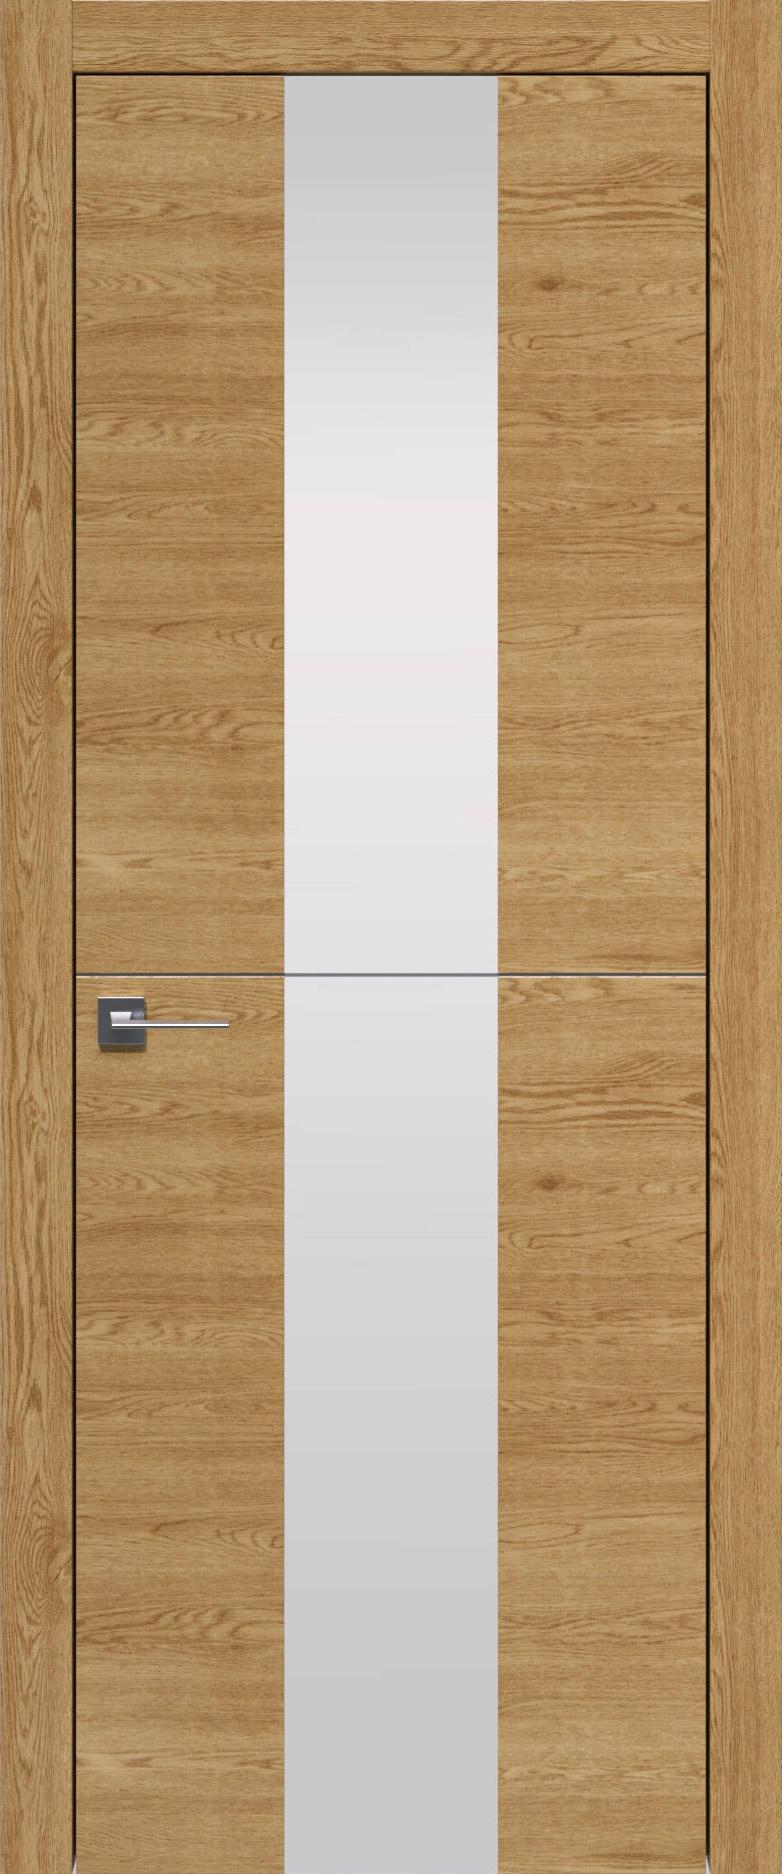 Tivoli Ж-3 цвет - Дуб натуральный Со стеклом (ДО)